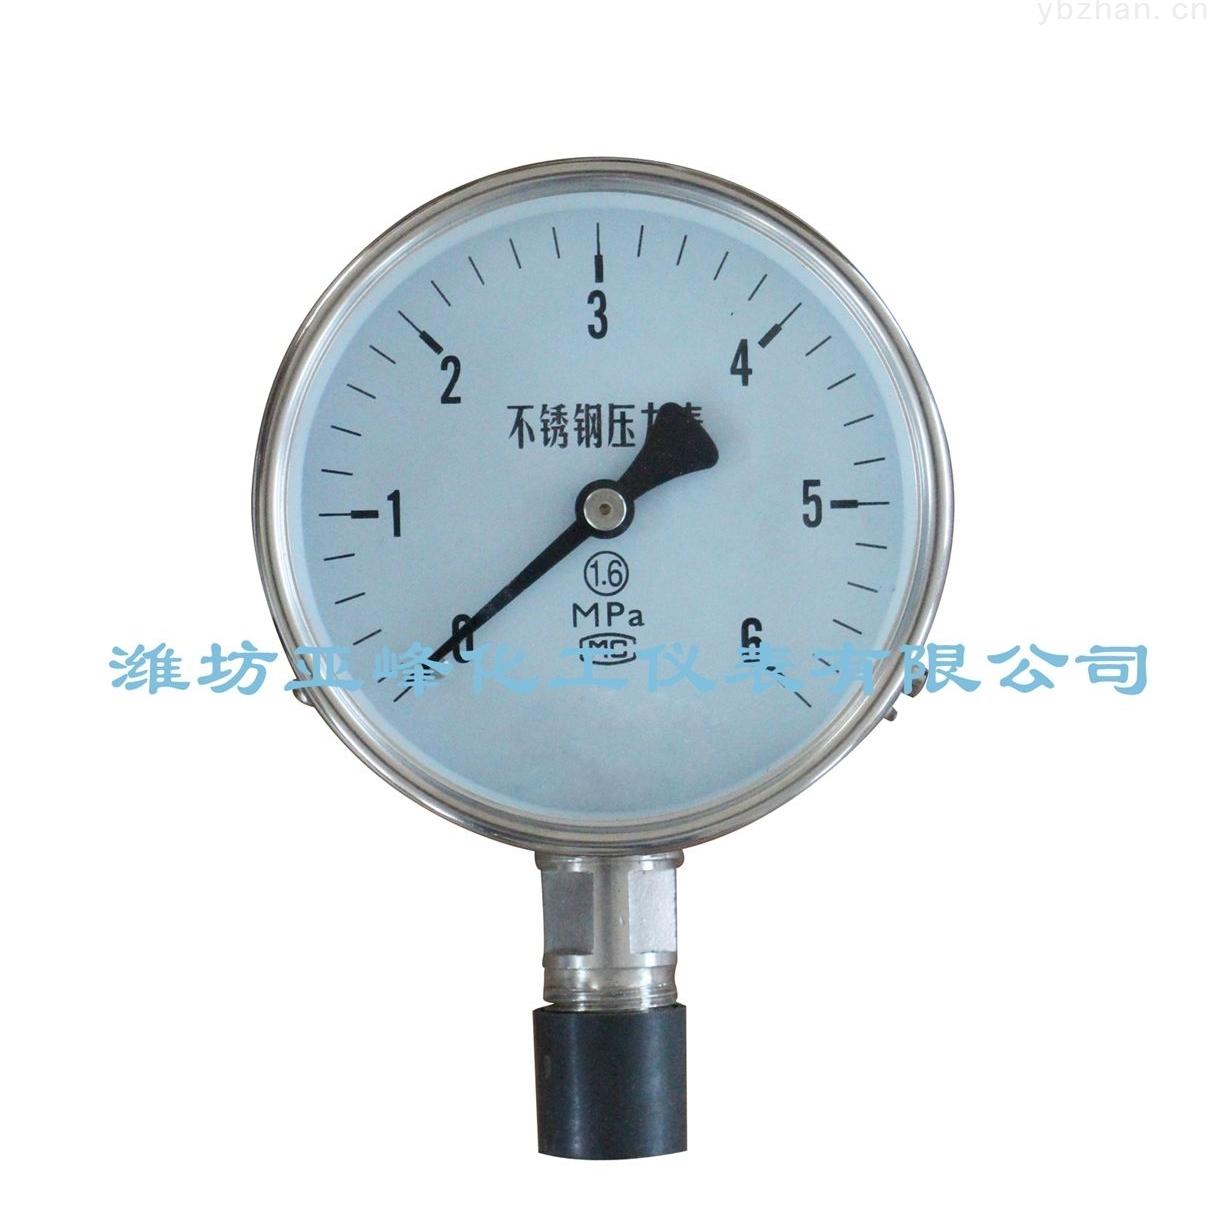 耐震压力表应用